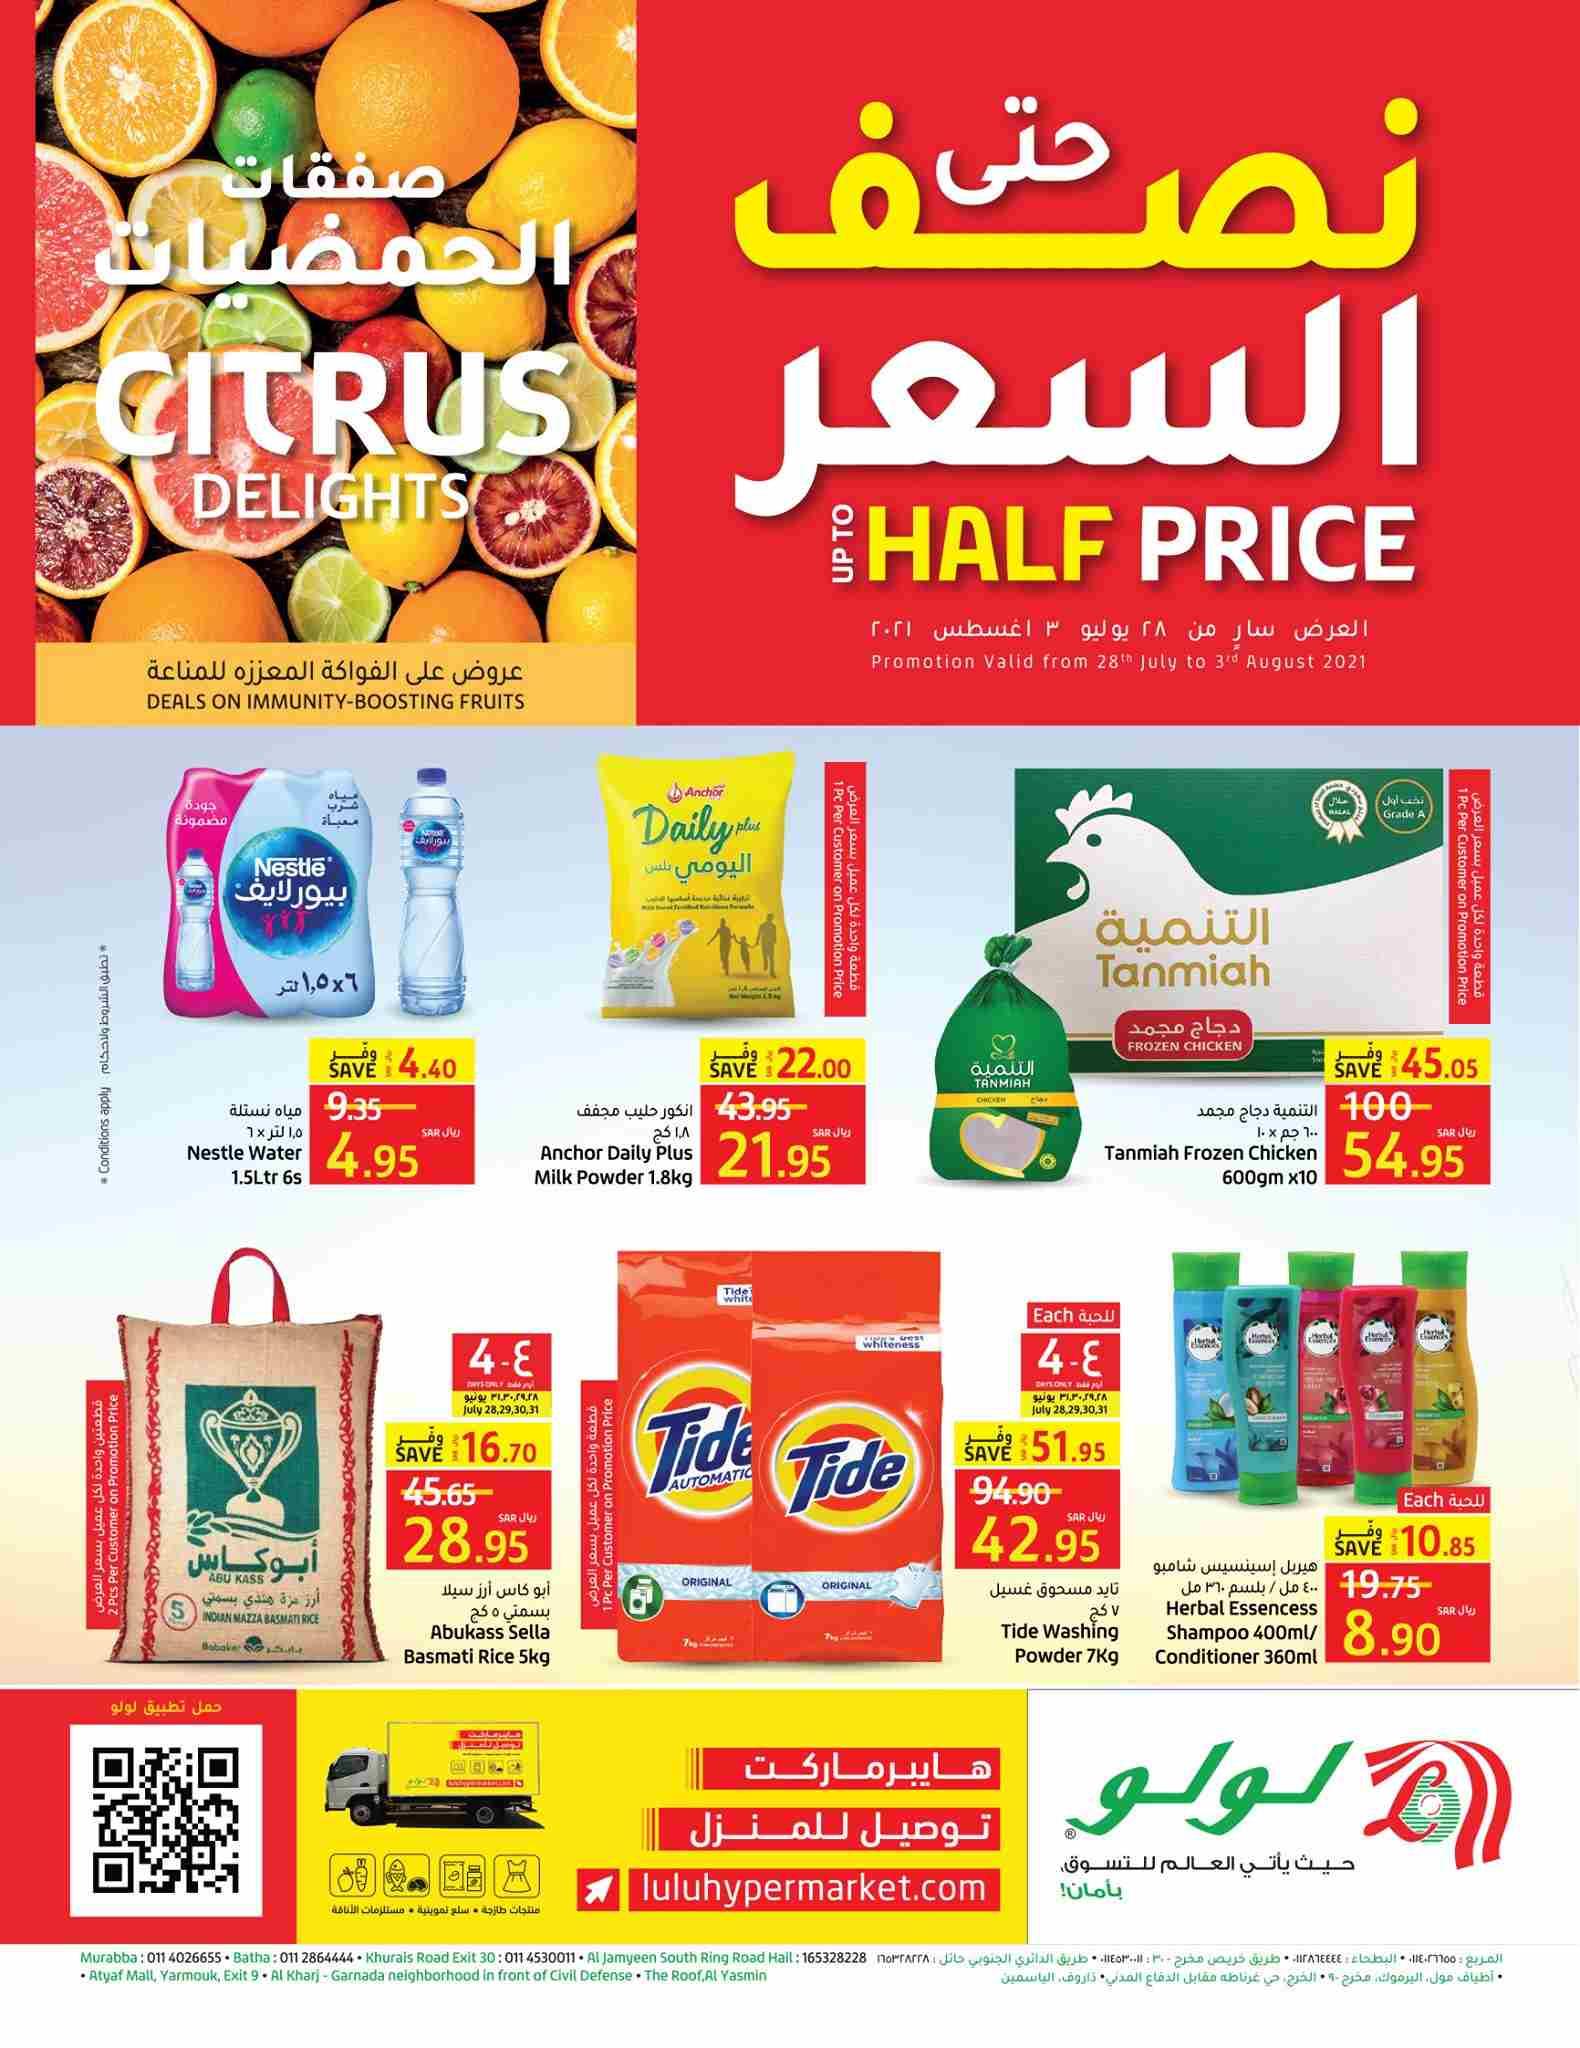 عروض لولو الرياض اليوم 28 يوليو حتى 3 اغسطس 2021 نصف السعر